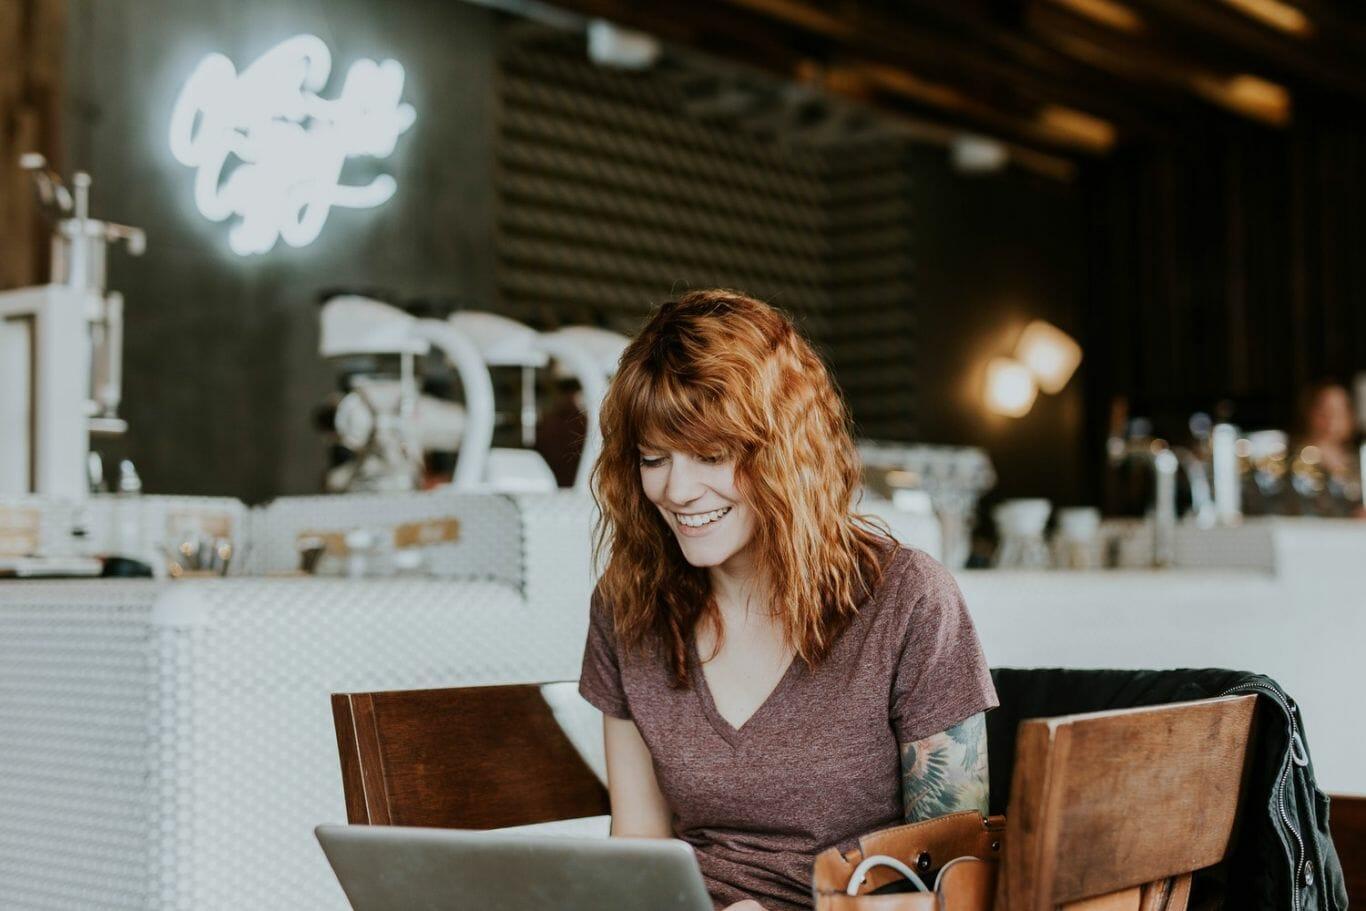 Mulher trabalhando no computador em um ambiente descontraído